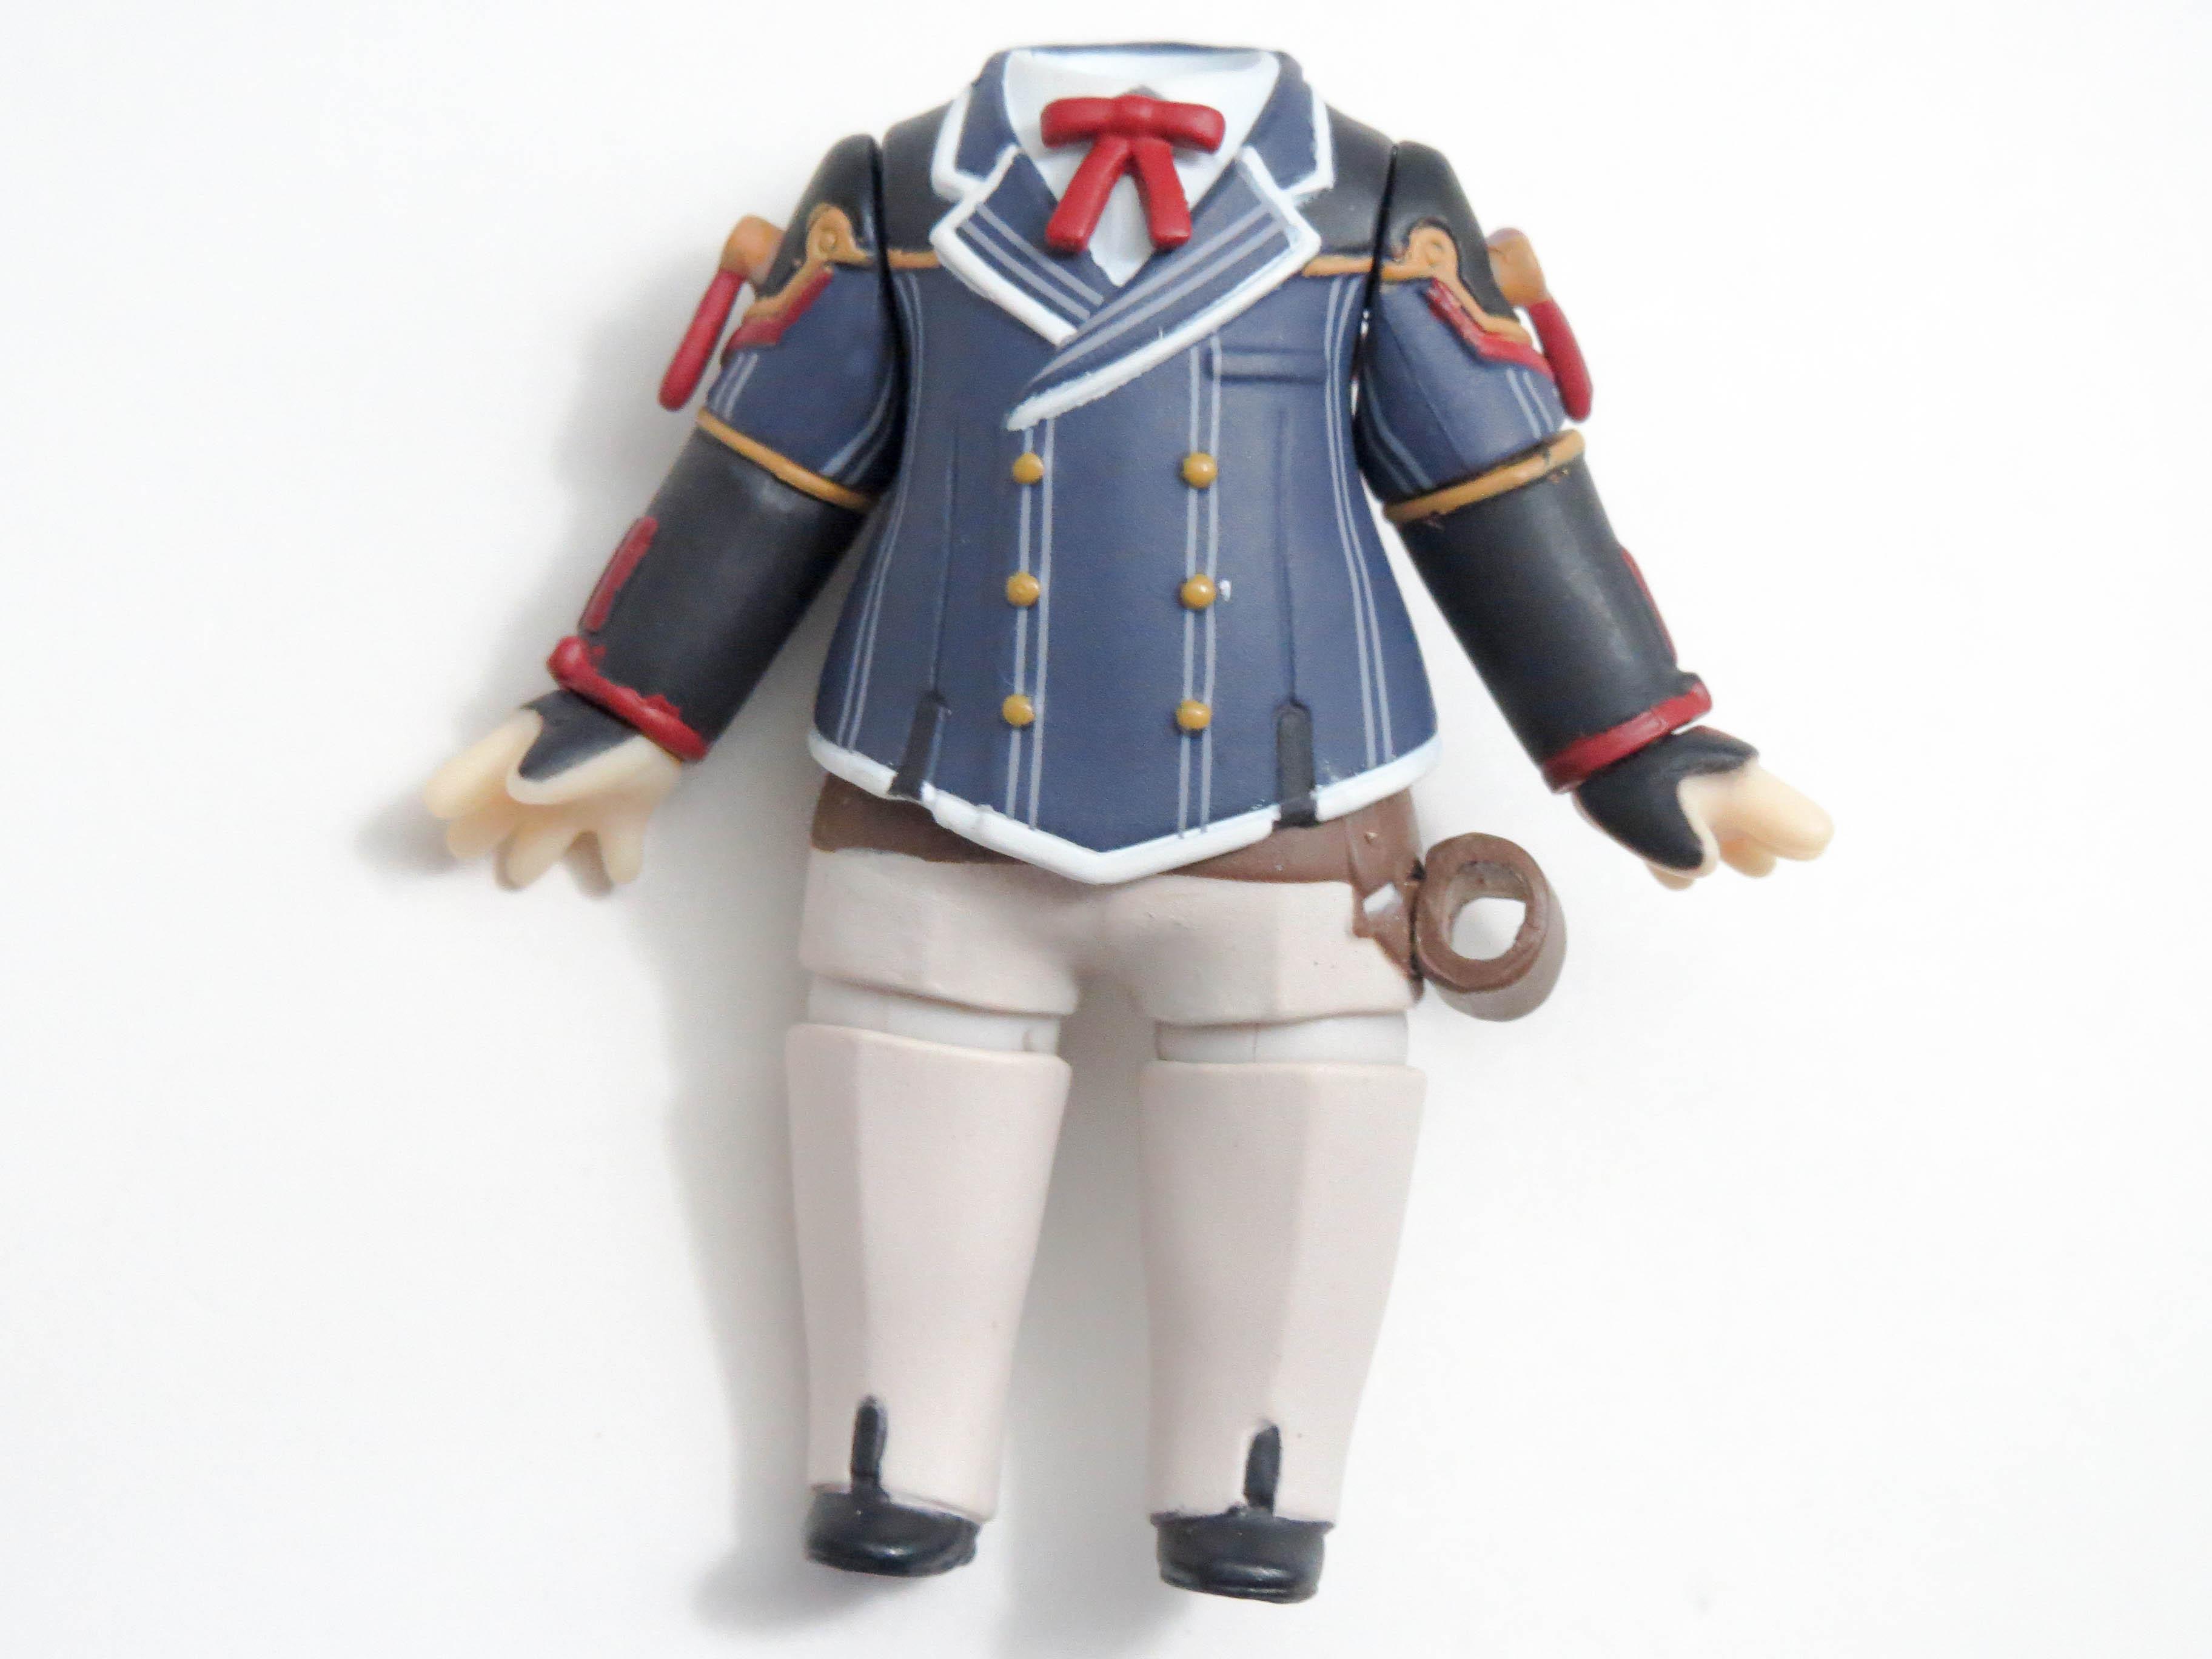 再入荷【745】 堀川国広 体パーツ 戦闘服 ねんどろいど